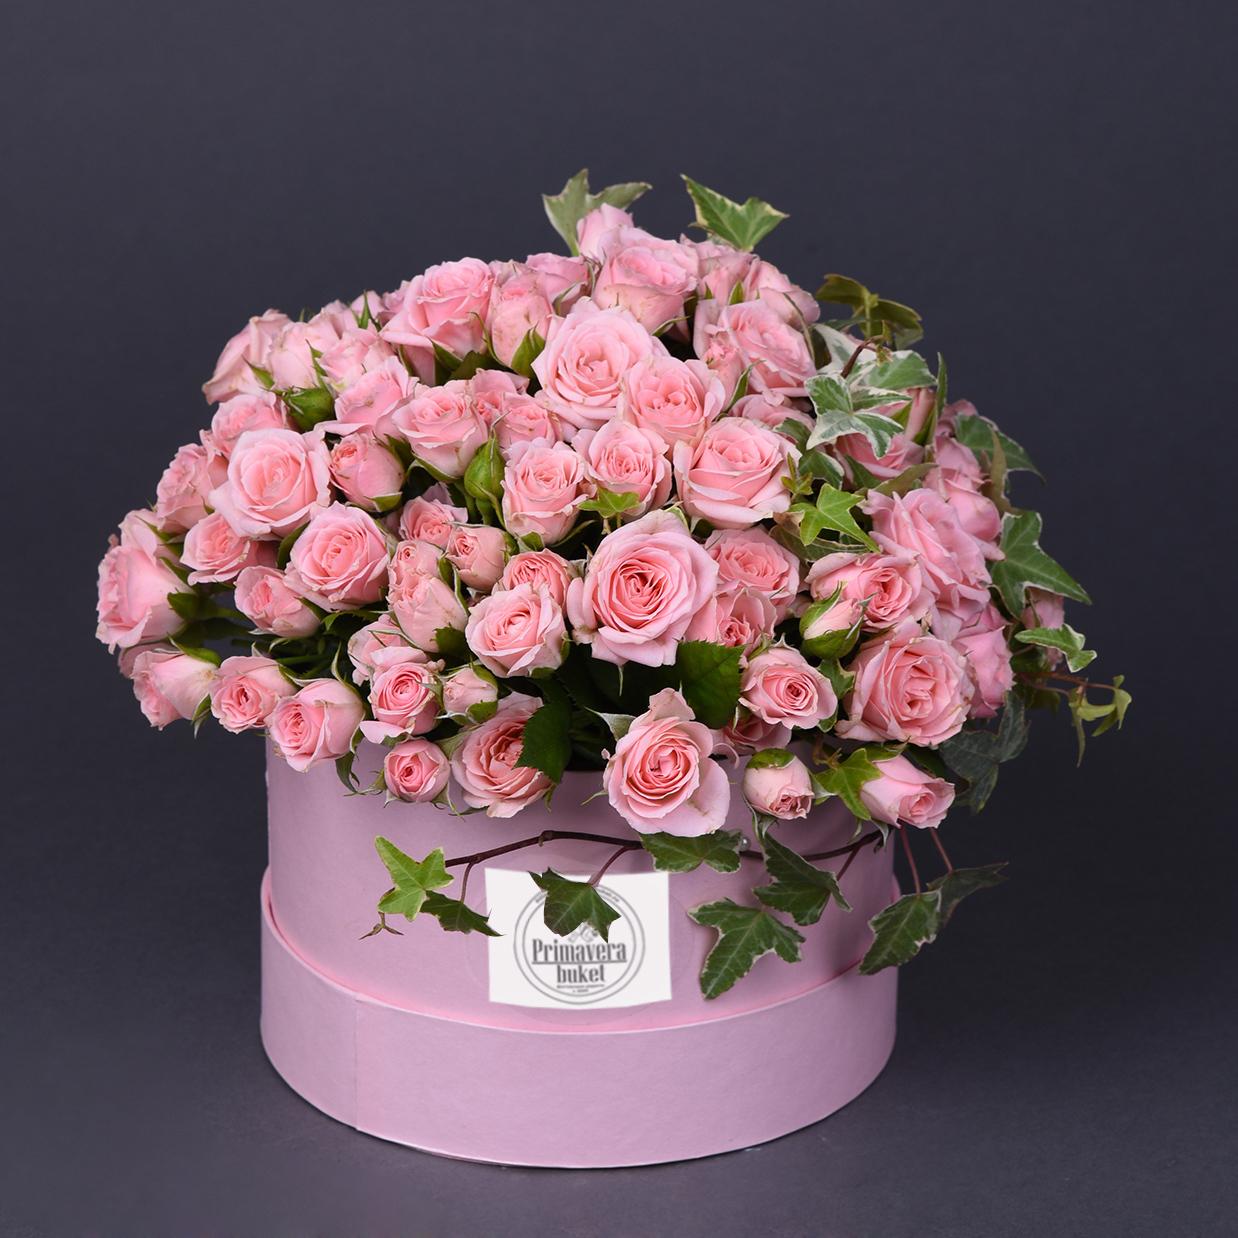 Открытки с днем рождения цветы в коробке розы